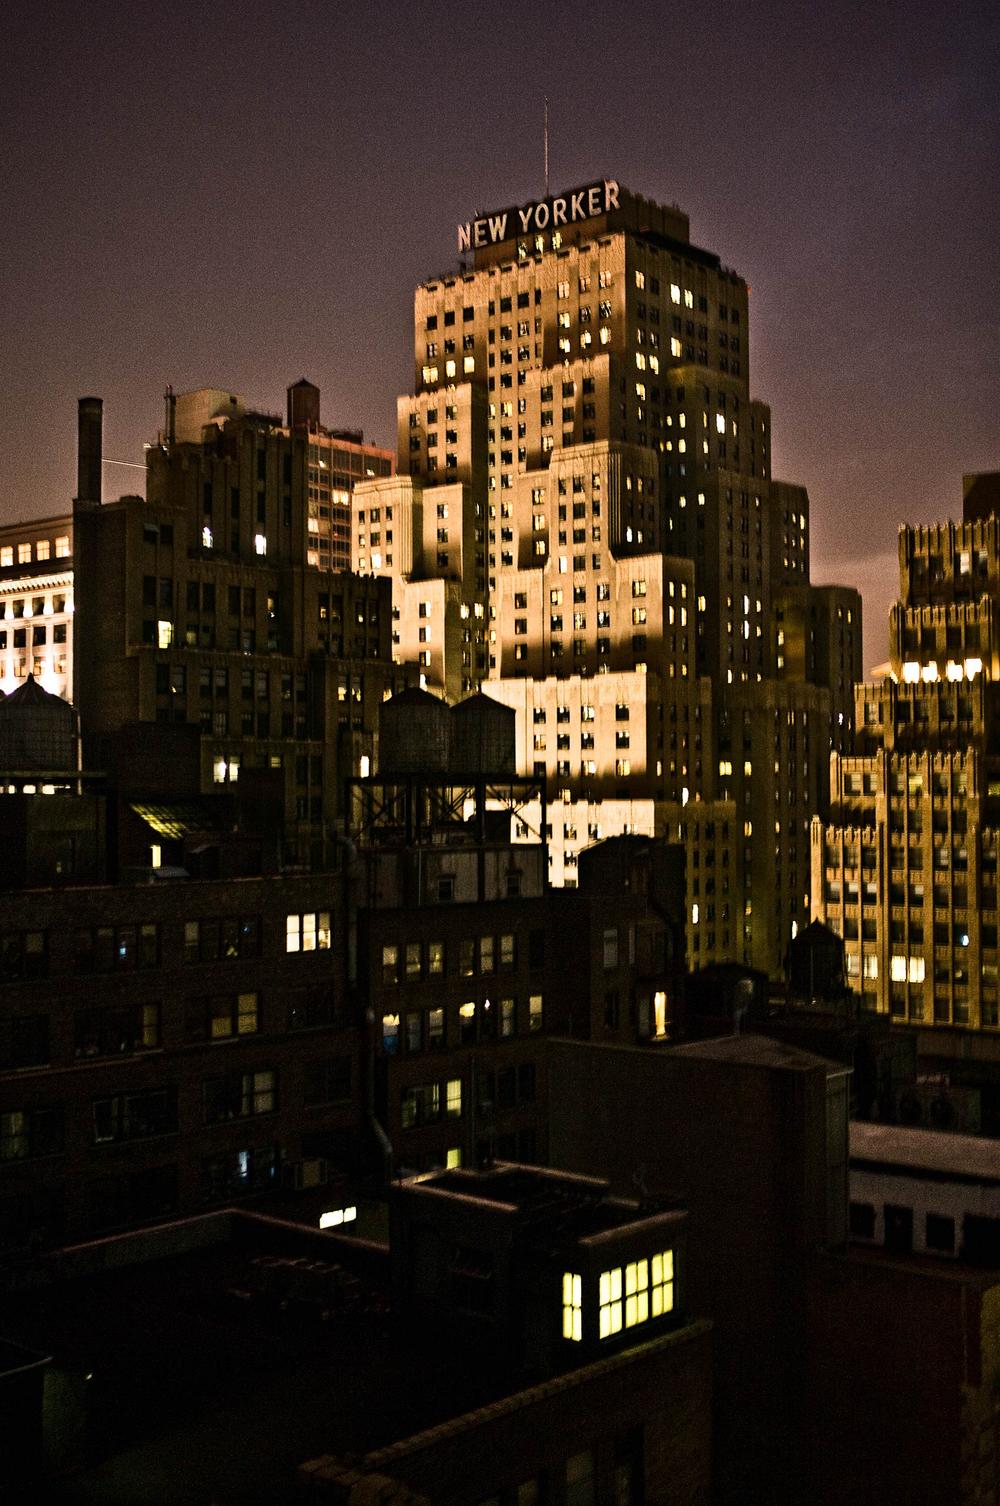 NewYorker-building-cityscape-HenrikOlundPhotography.jpg